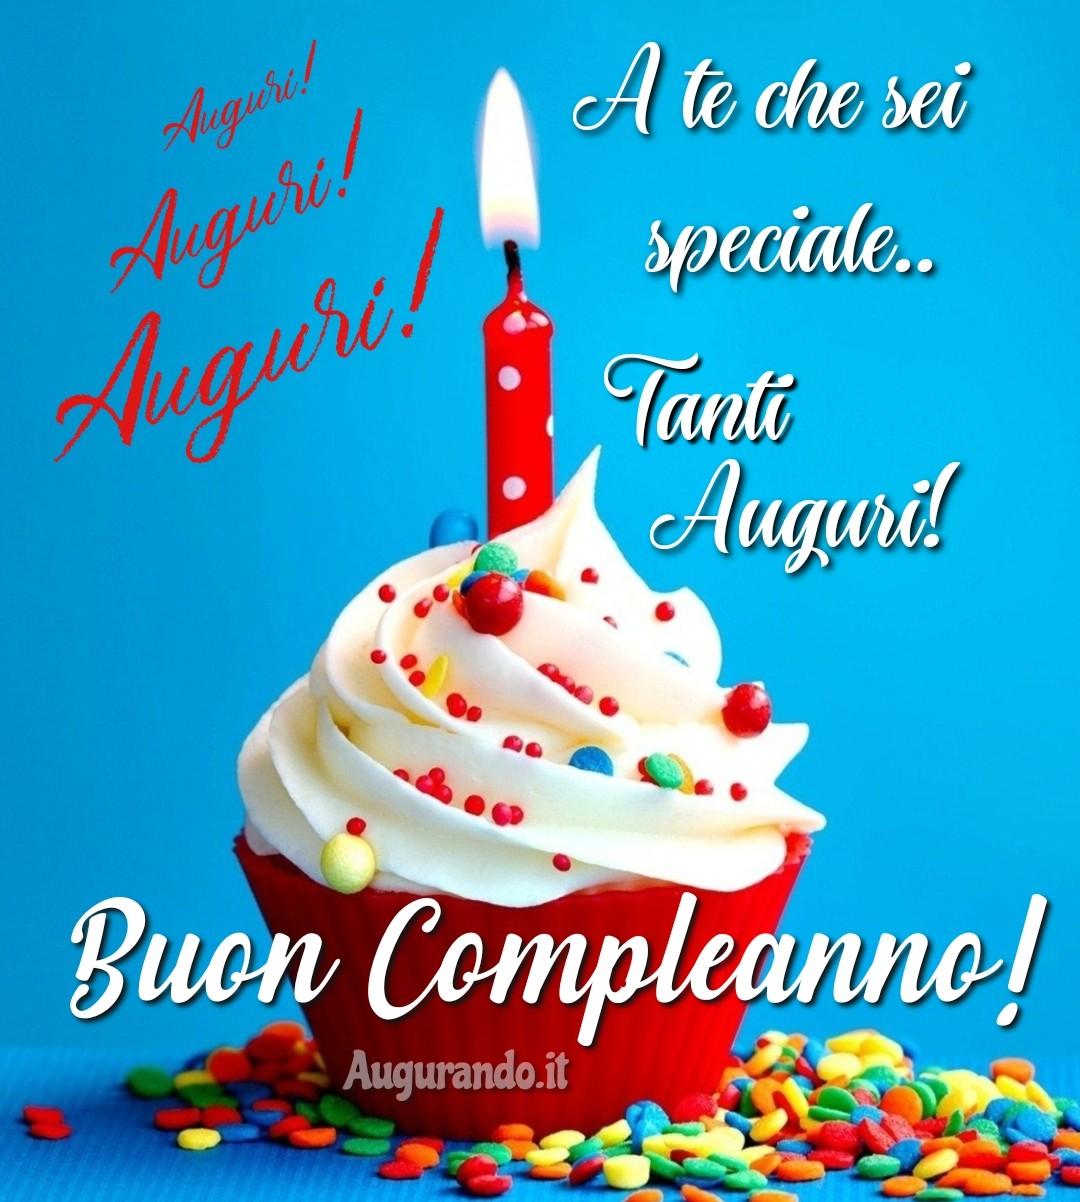 Famoso Immagini Buon Compleanno Spettacolari! Gratis e Sempre Aggiornare! TH64